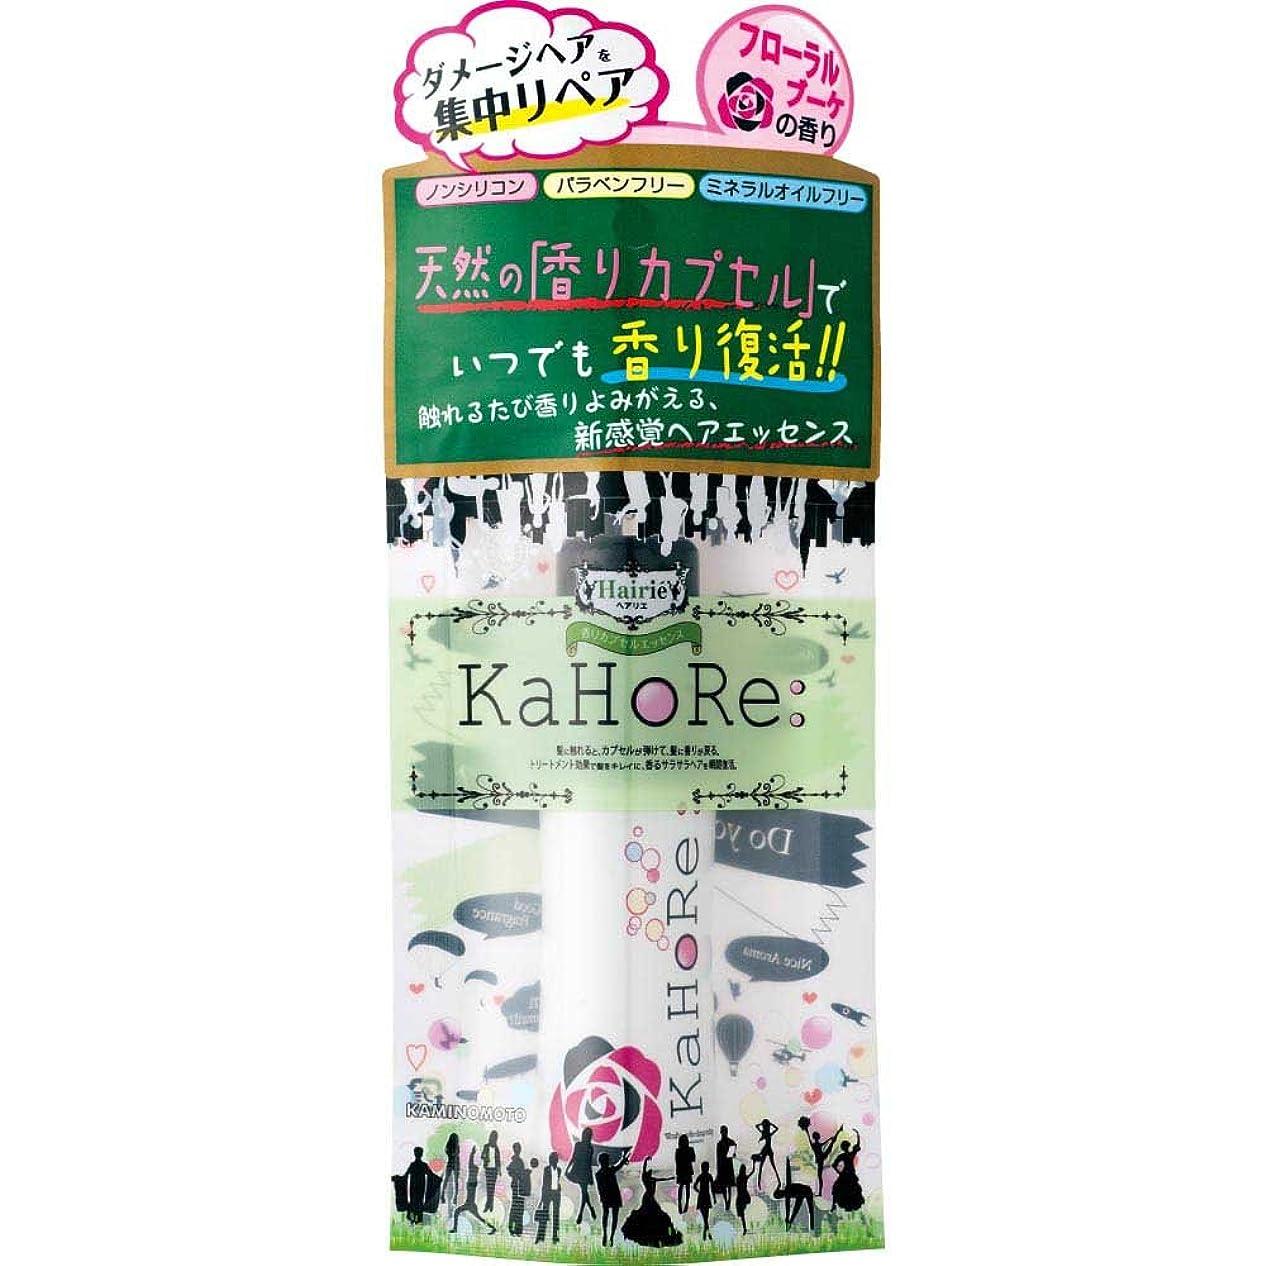 機関寛大な罹患率ヘアリエ KaHoRe ヘアエッセンス フローラルブーケの香り 30g